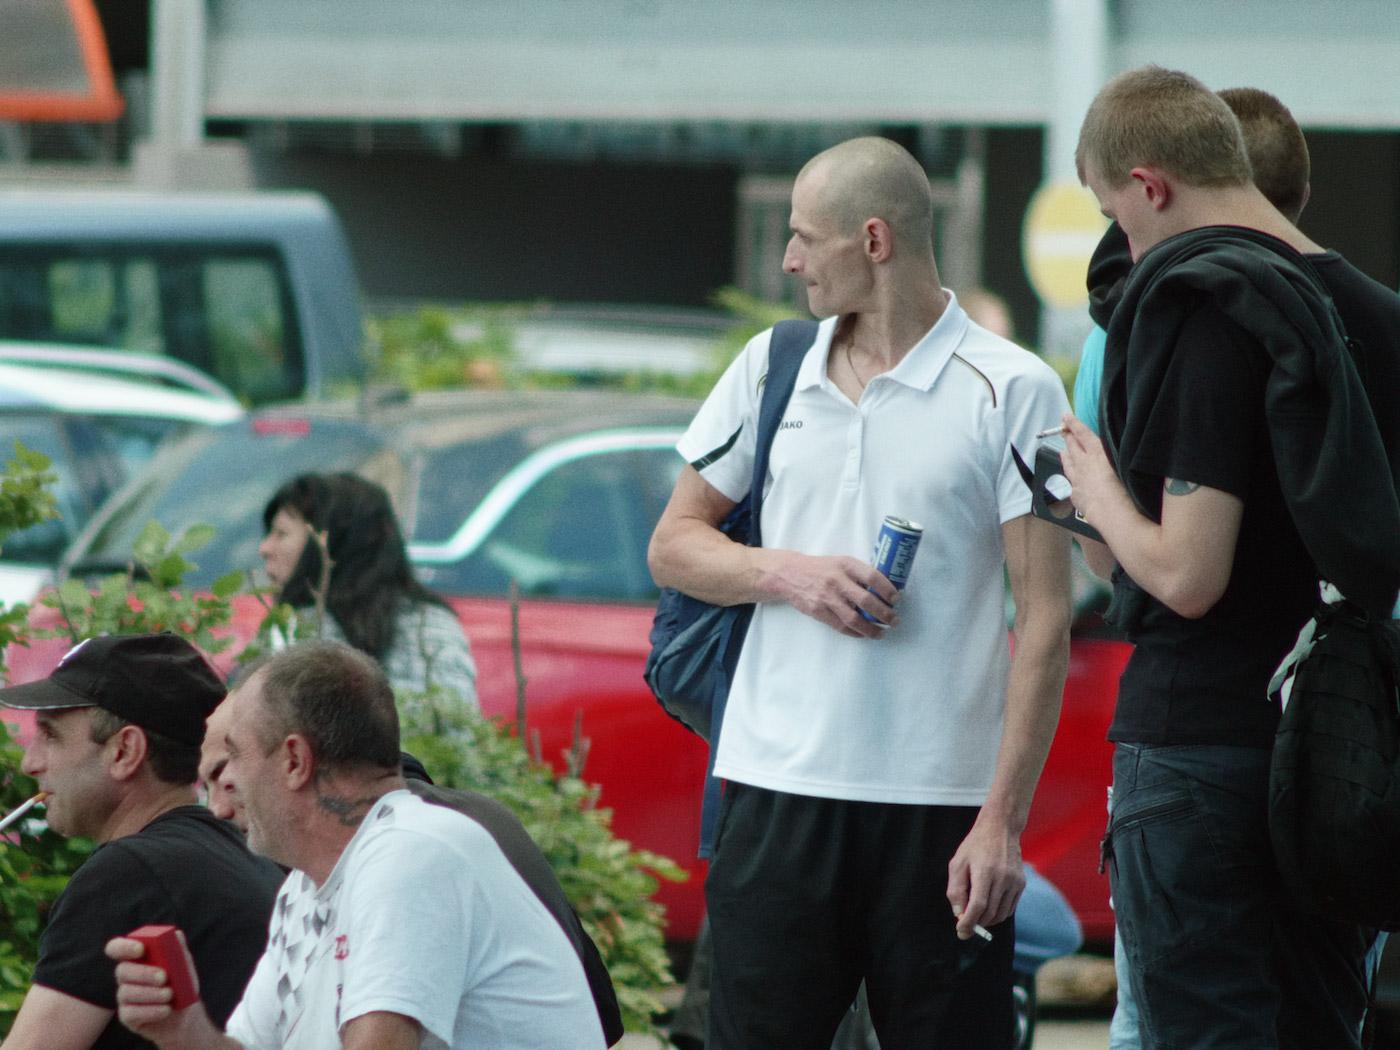 Regeln am Band, mit hoher Geschwindigkeit - osteuropäische LeiharbeiterInnen - Leiharbeiter warten